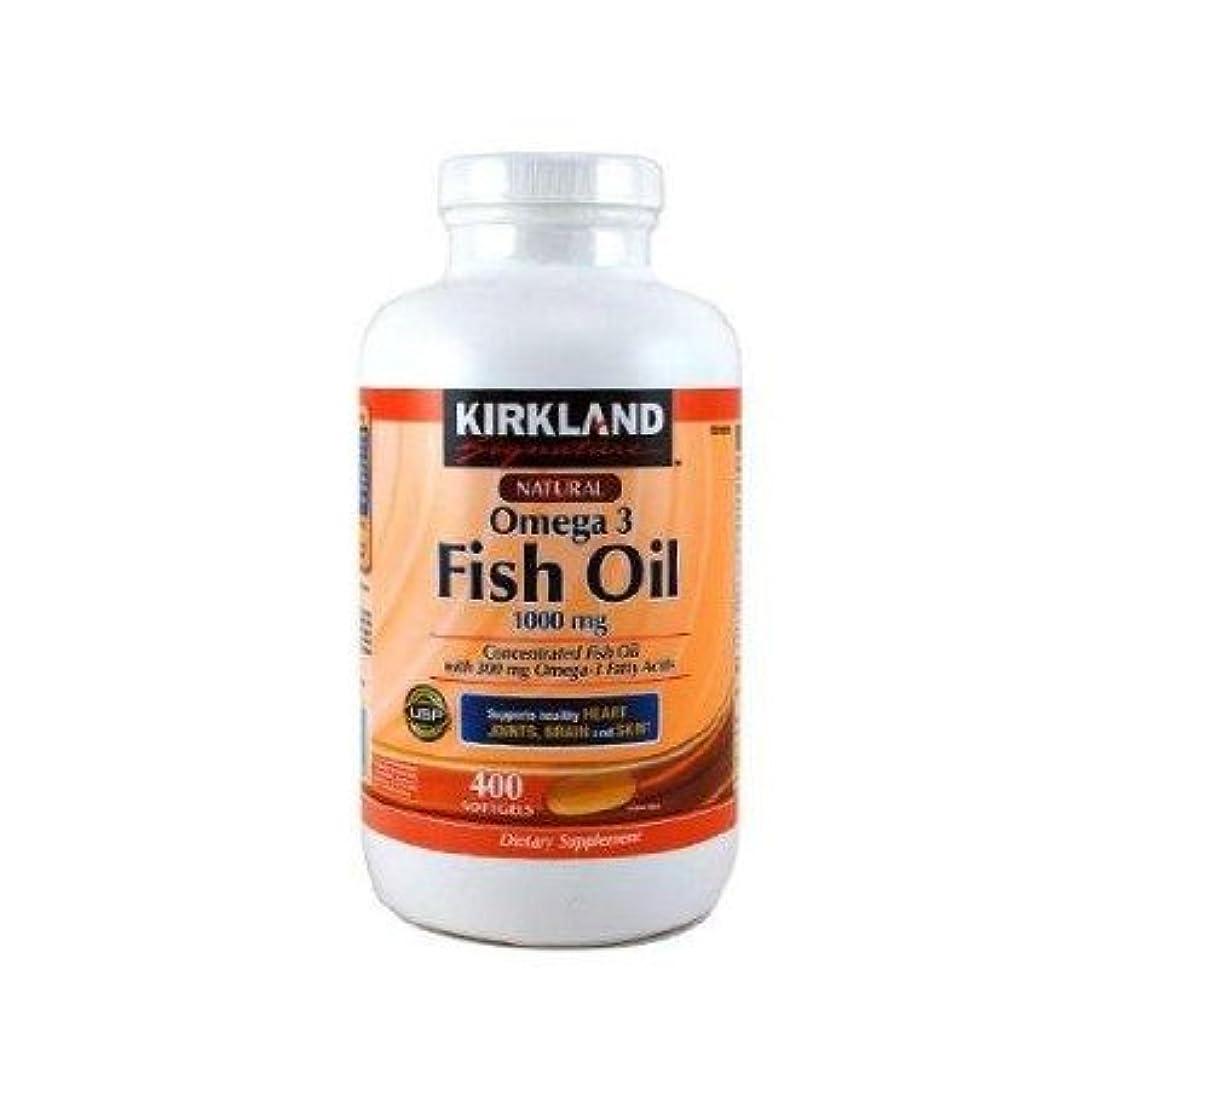 学校の先生スーツ面積KIRKLAND社 フィッシュオイル (DHA+EPA) オメガ3 1000mg 400ソフトカプセル 2本 [並行輸入品] [海外直送品] Two KIRKLAND's Fish oil (DHA + EPA) omega...